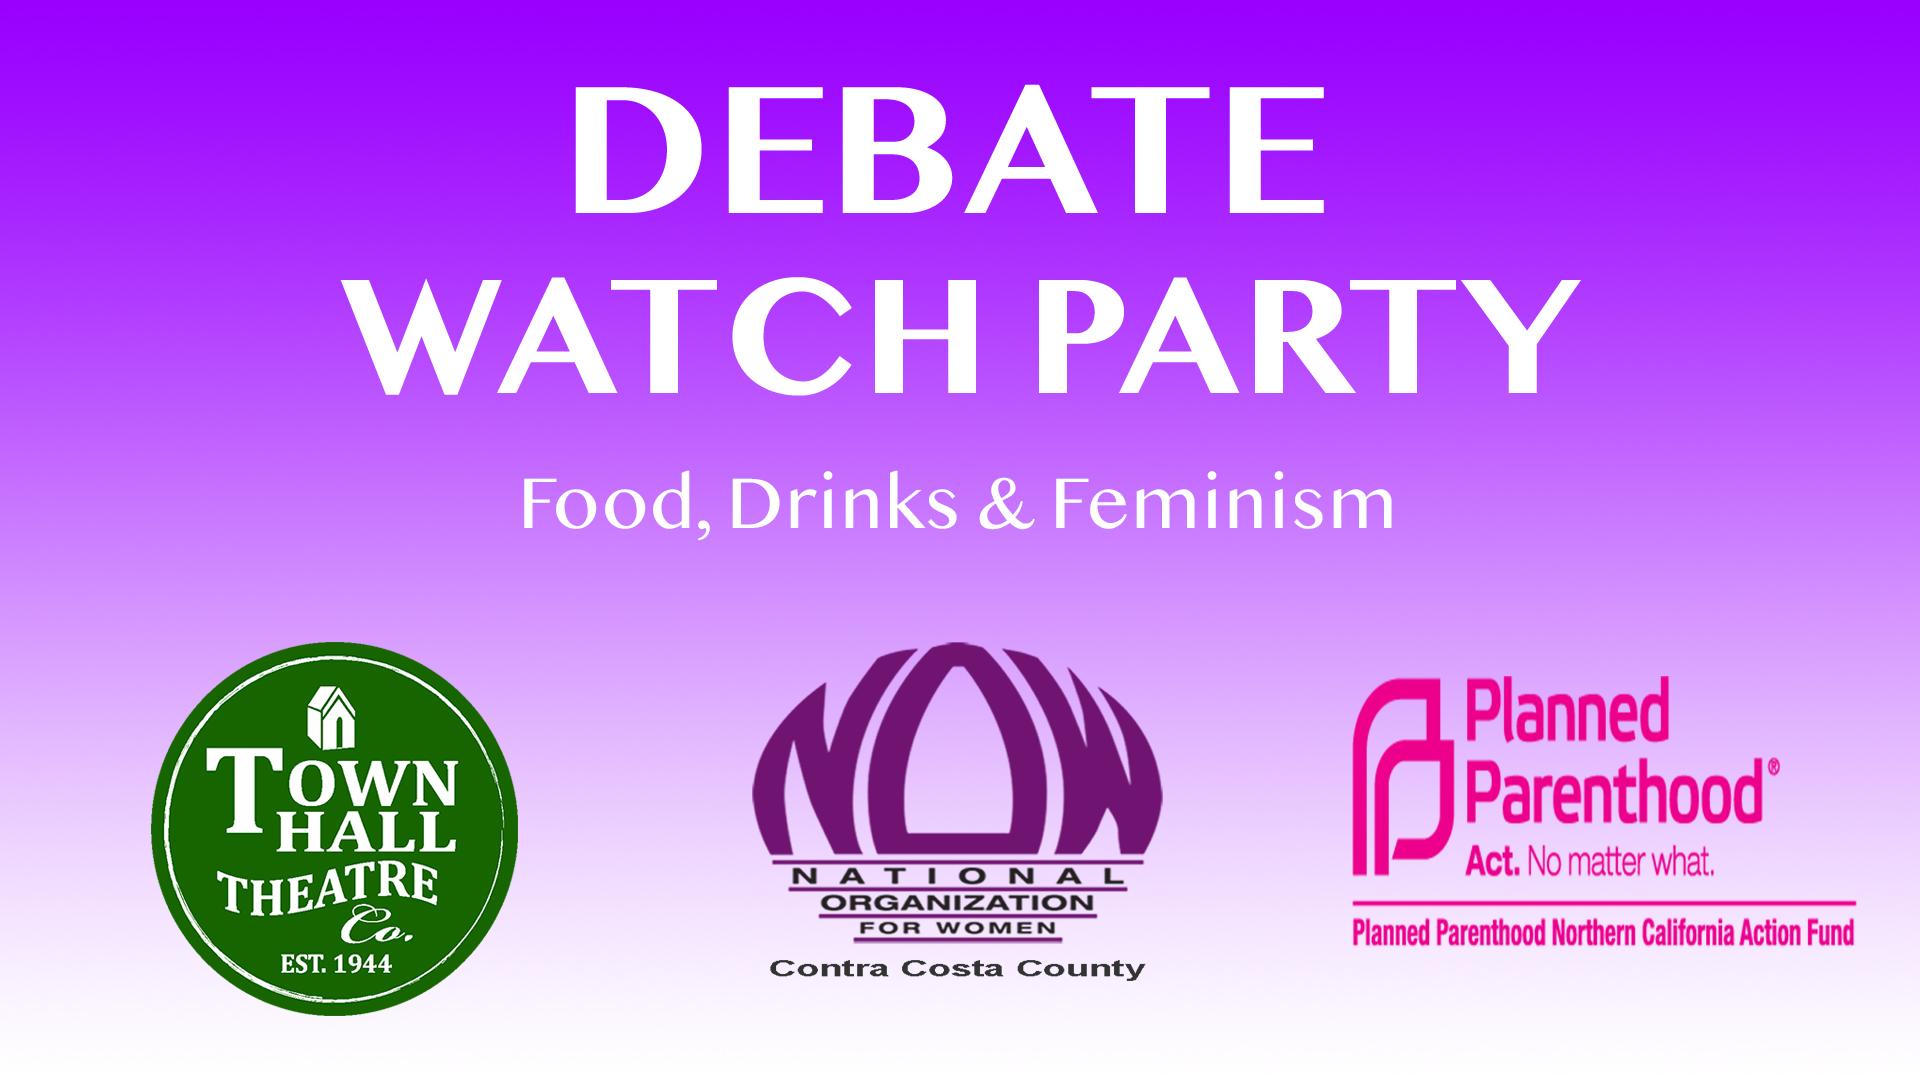 Debate Watch Party Event Brite